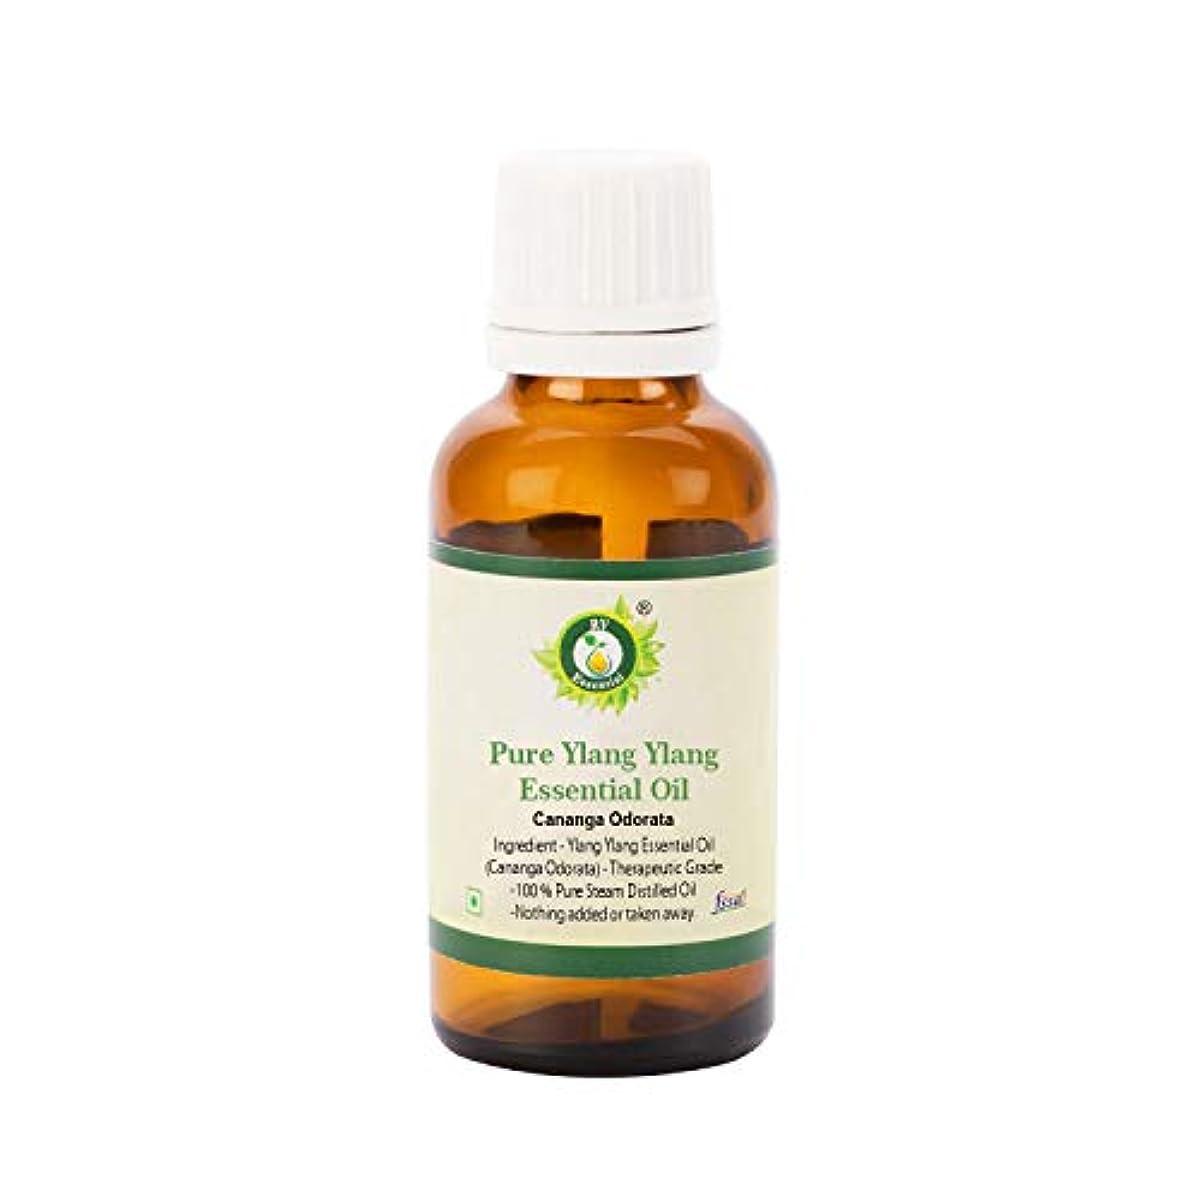 どれか感情の貢献するR V Essential ピュアイランイランエッセンシャルオイル10ml (0.338oz)- Cananga Odorata (100%純粋&天然スチームDistilled) Pure Ylang Ylang Essential...